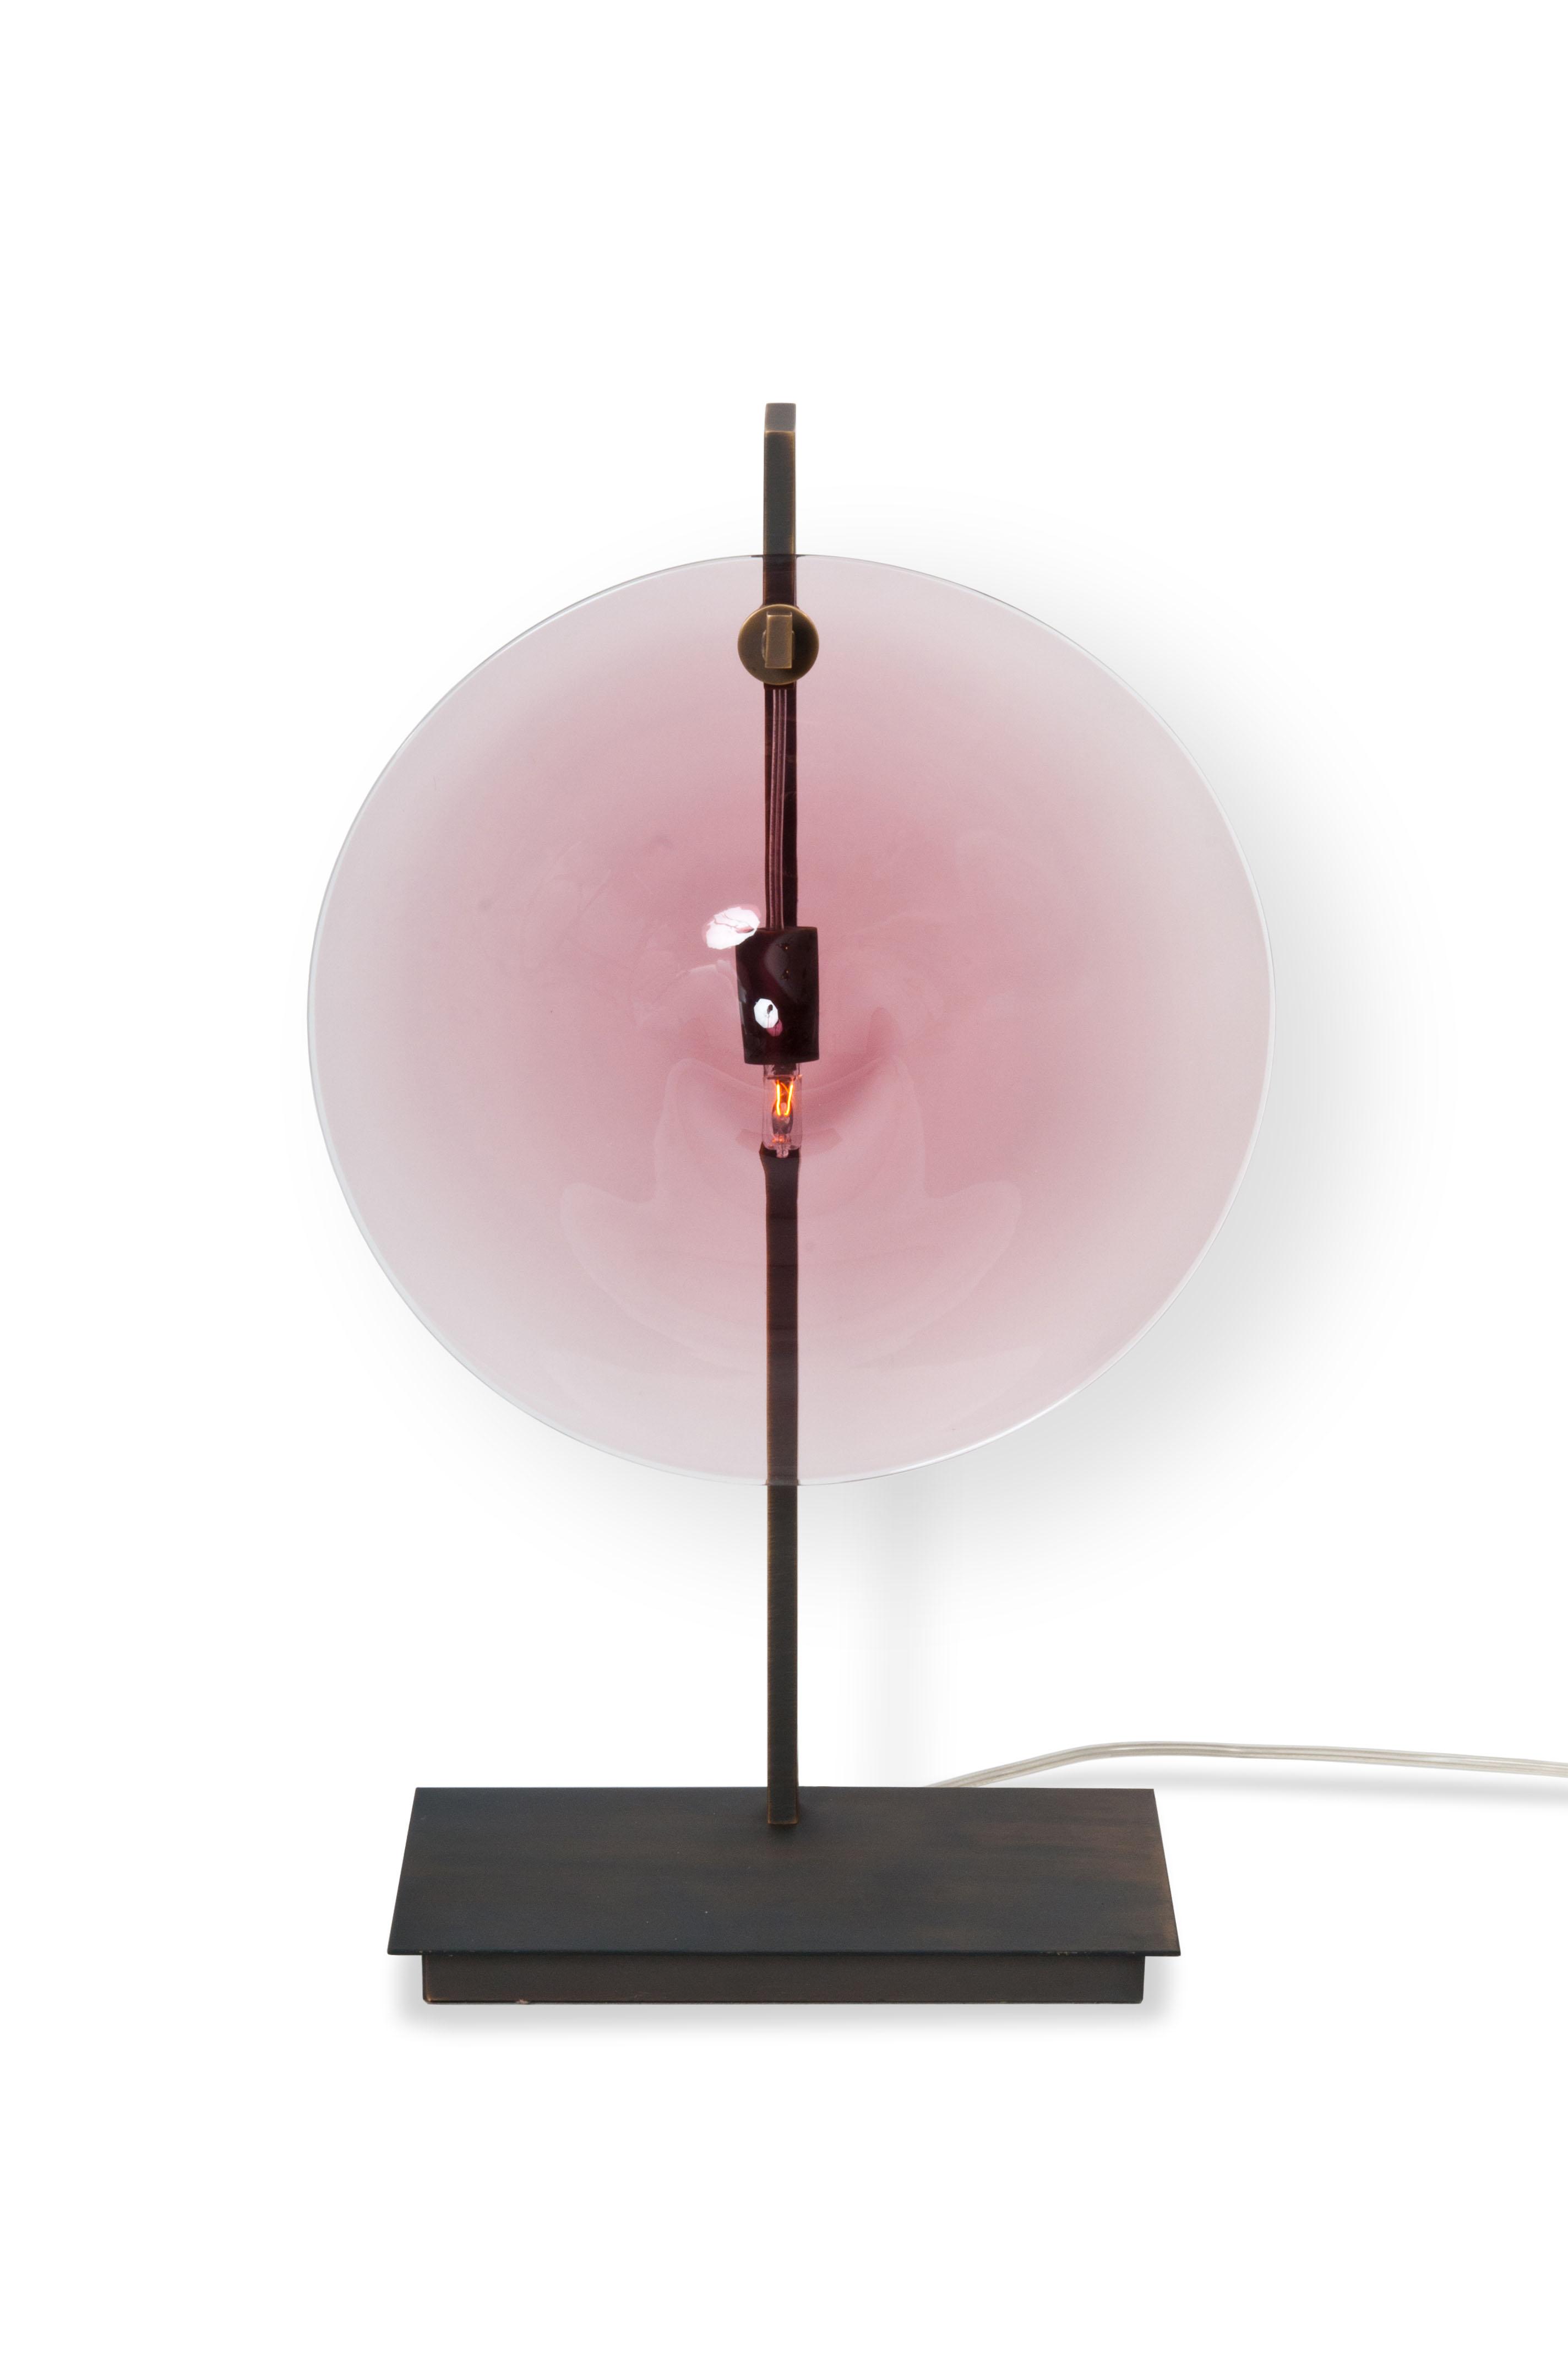 orbe-table-bronze-amethyst-patrick-naggar-veronese-1.jpg